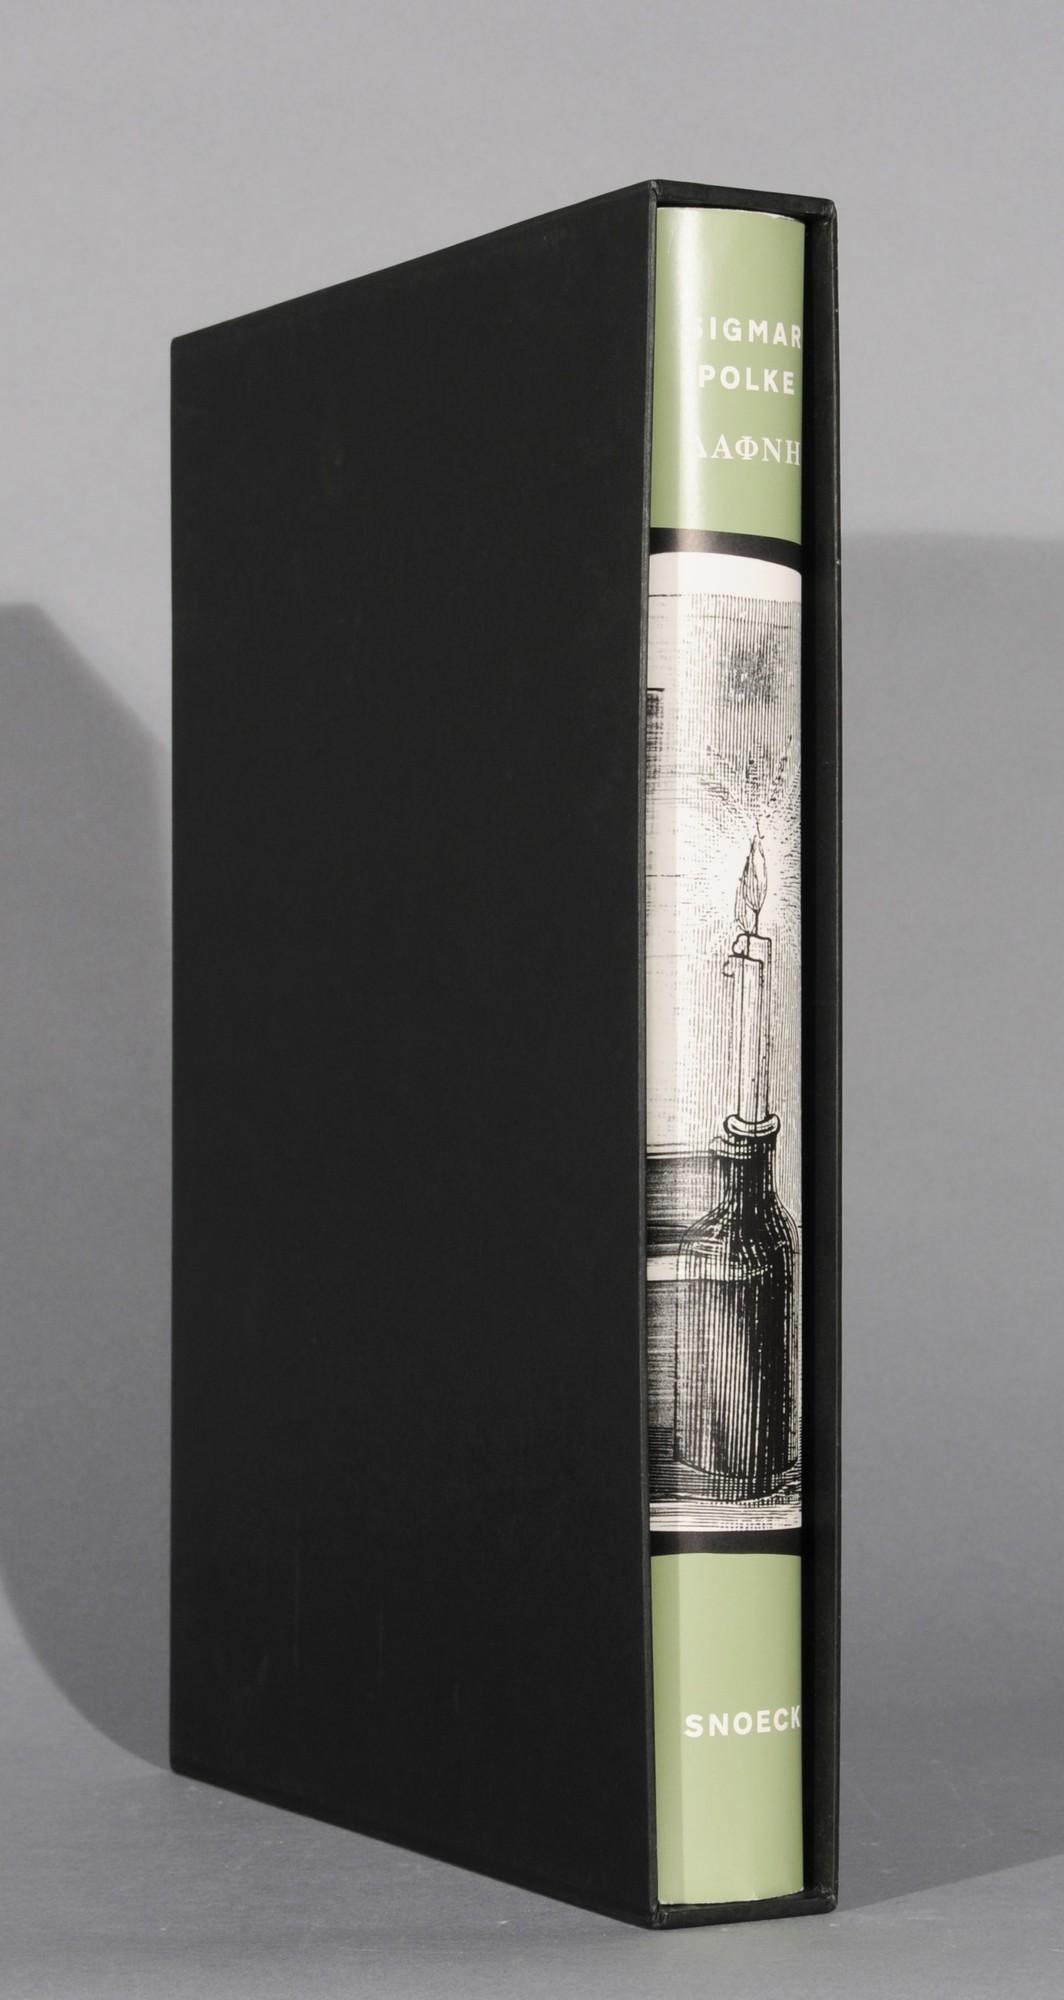 Polke Sigmar, Book. Daphne, ein Künstlerbuch